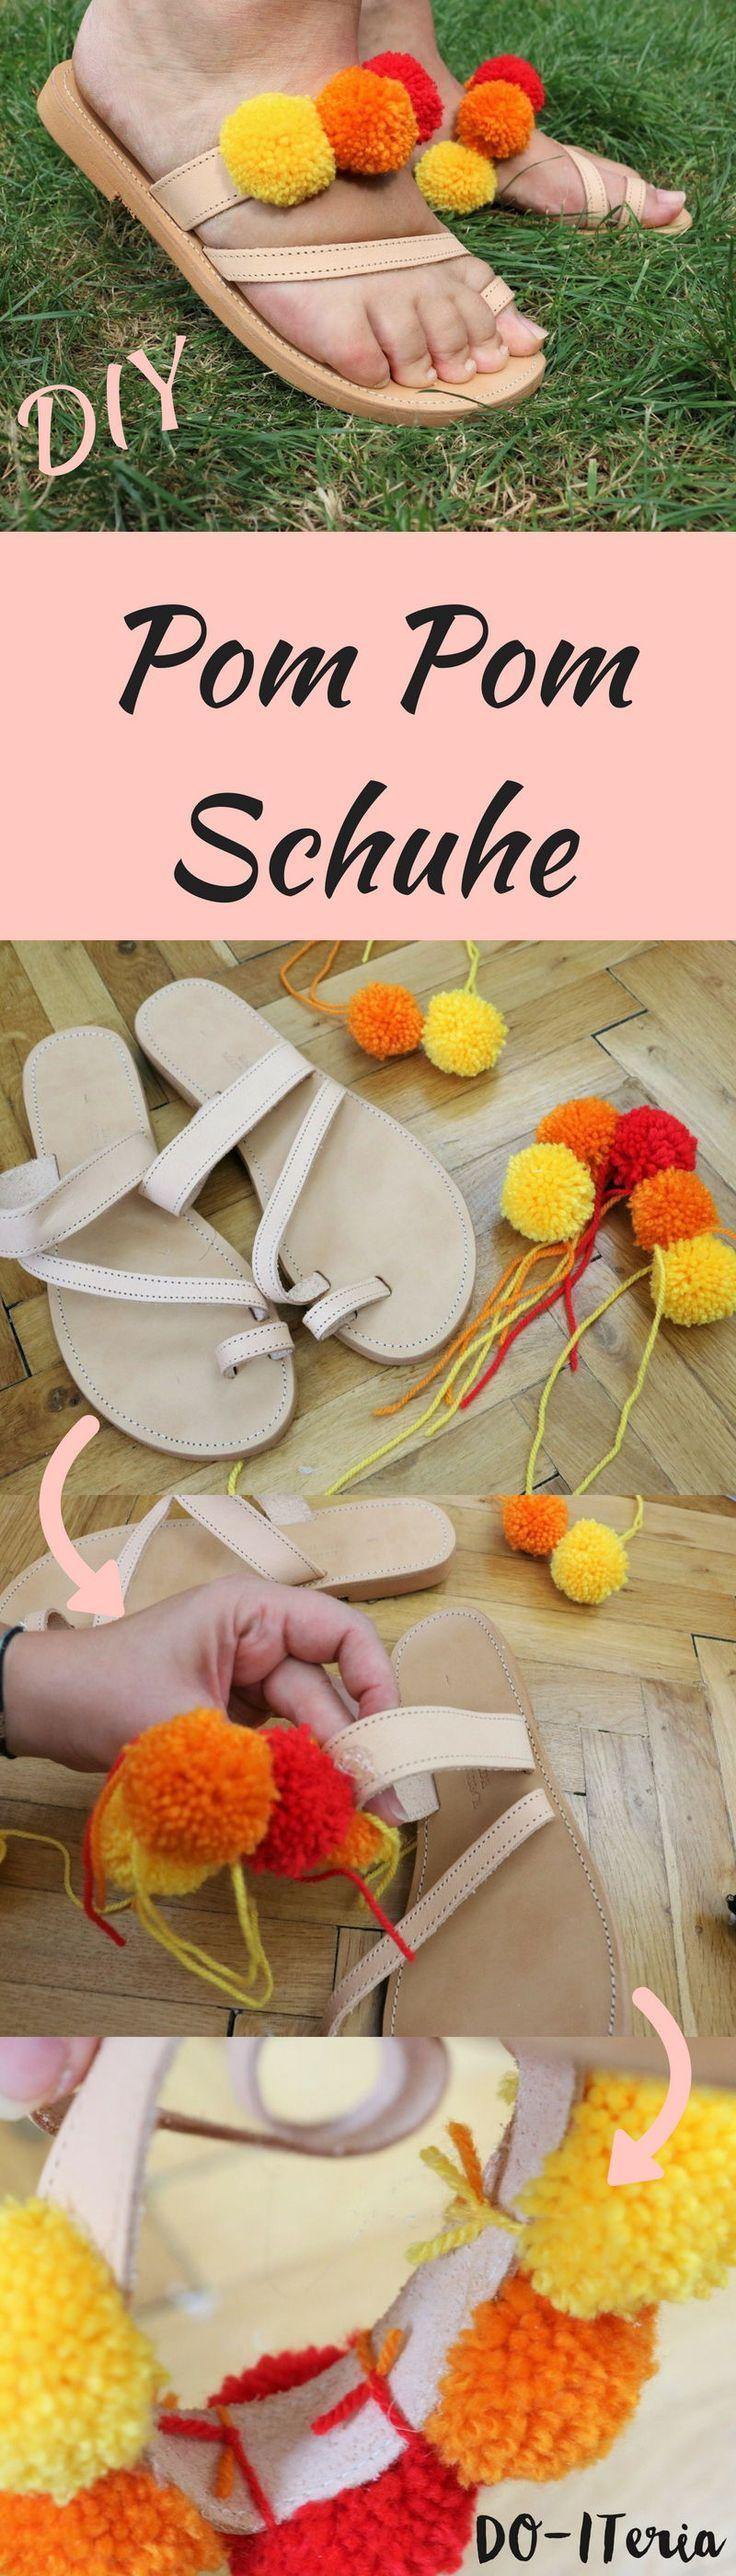 Pom Pom Schuhe | DO-ITeria